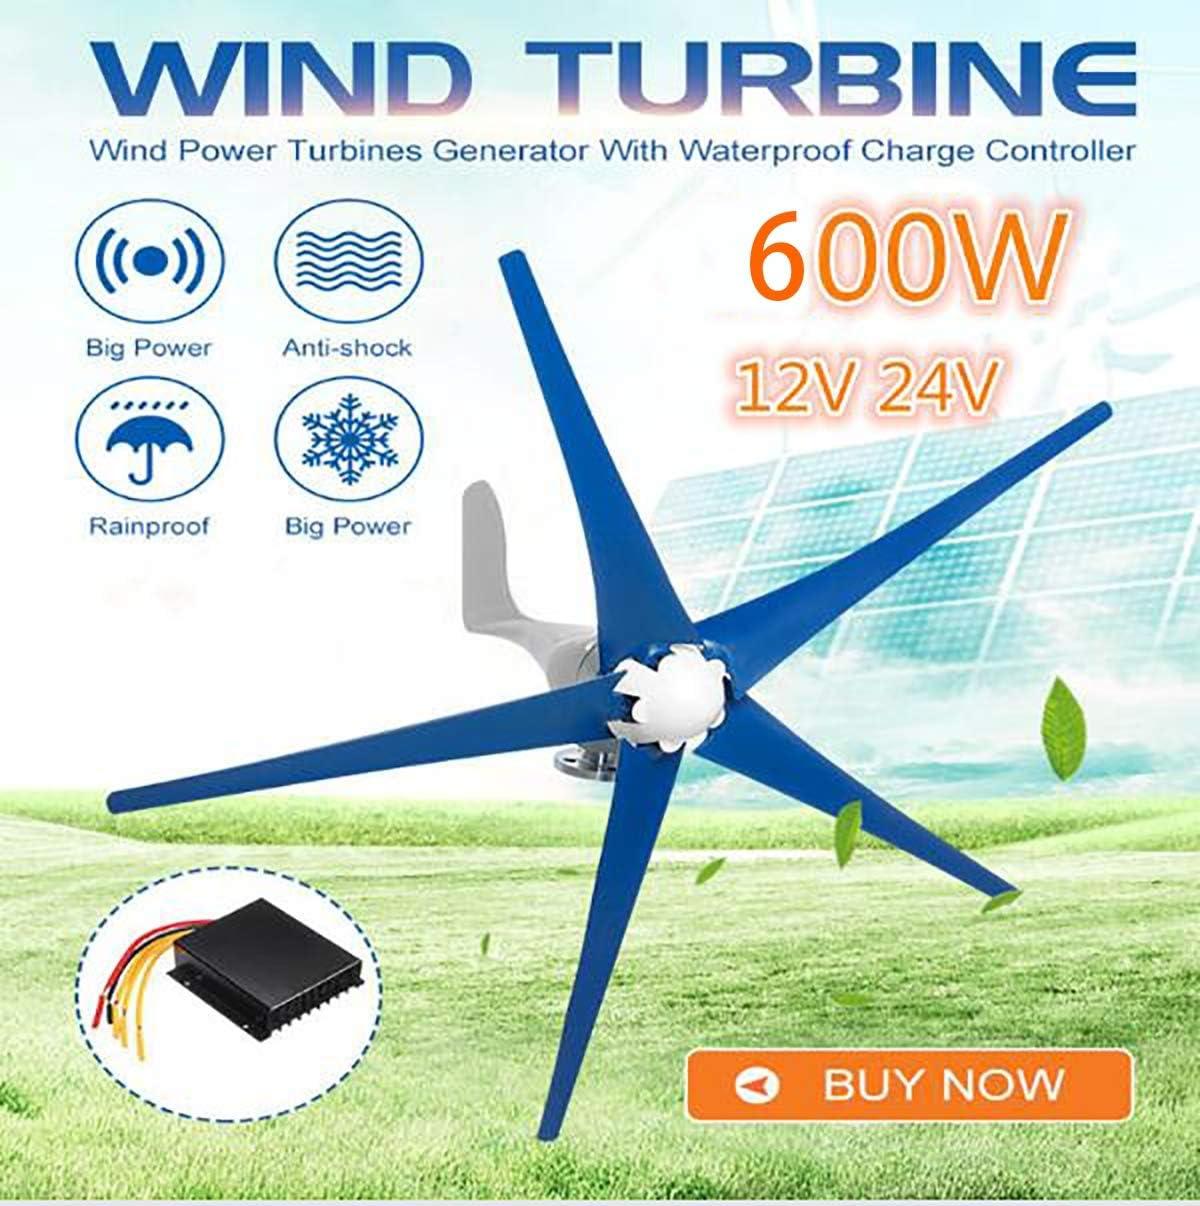 Tqing Las turbinas de Viento Generador-600W 12V / 24V 5 láminas horizontales generador de Viento del Molino de Viento con el regulador de Carga de energía Turbinas,24v: Amazon.es: Deportes y aire libre